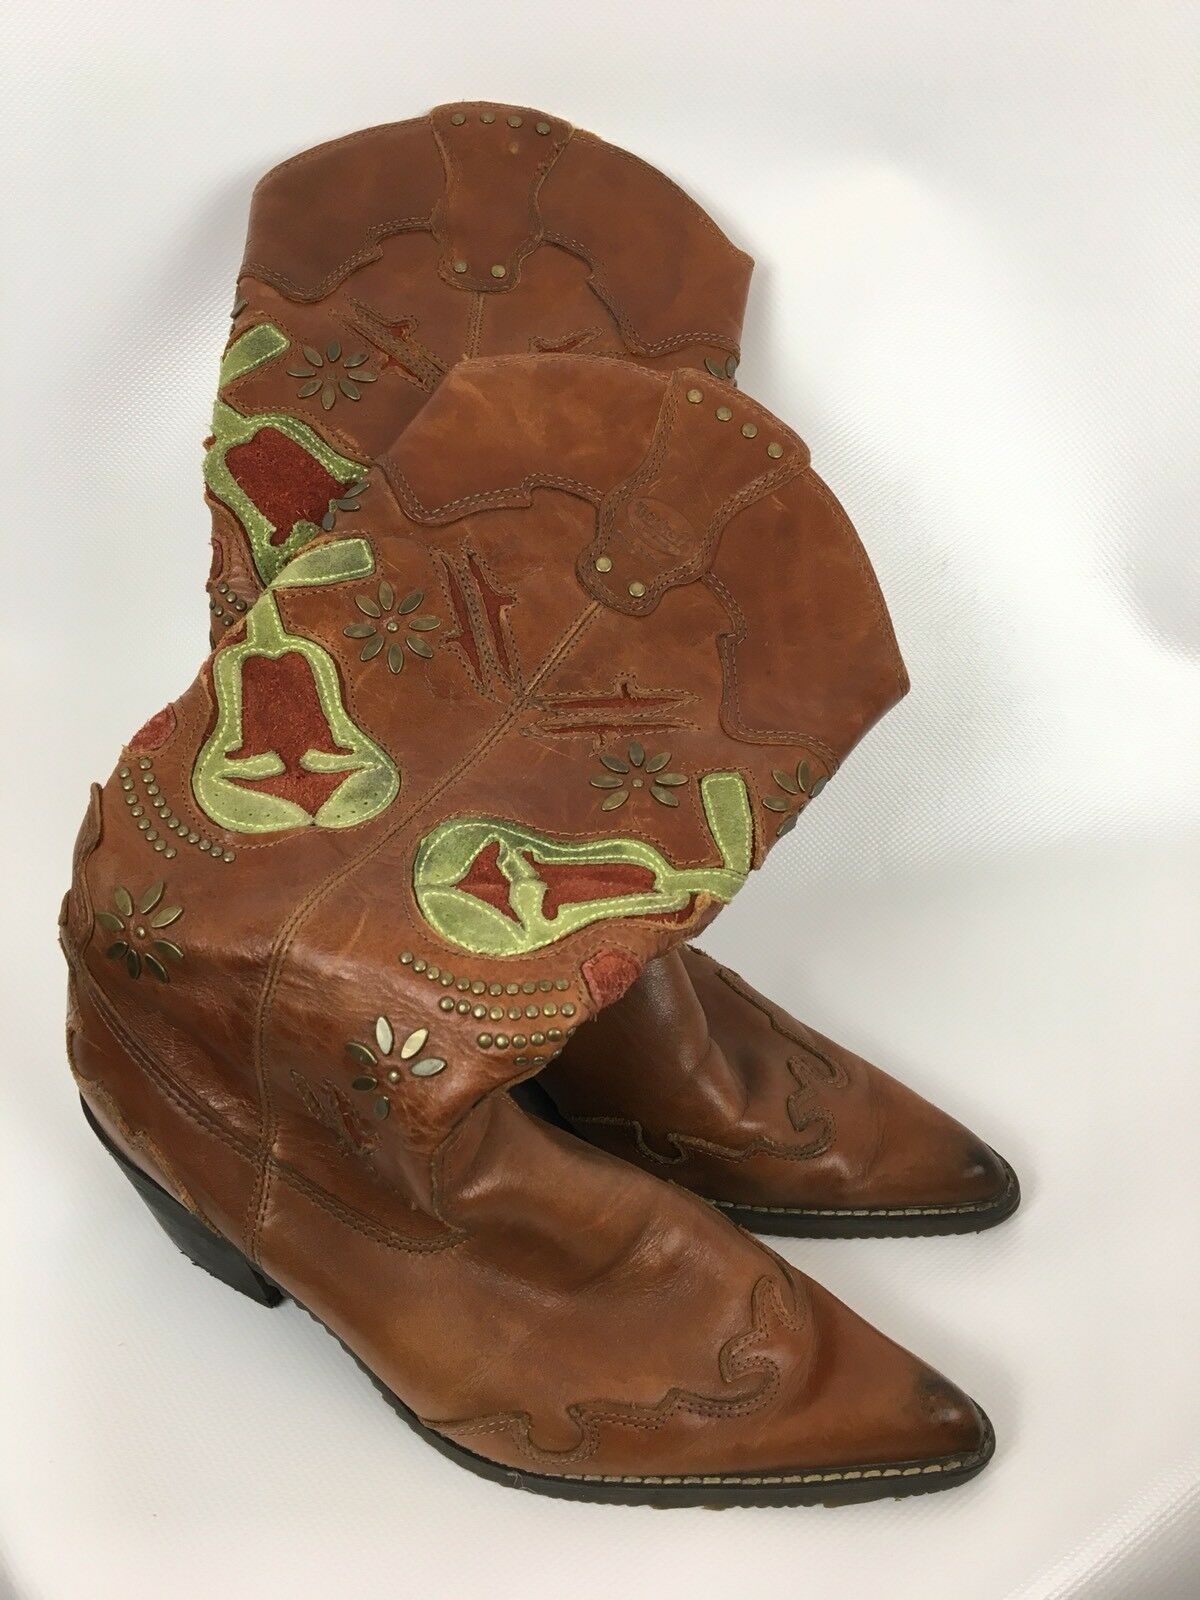 DOCKERS Stiefel, Cowboystiefel, brown, Größe 37